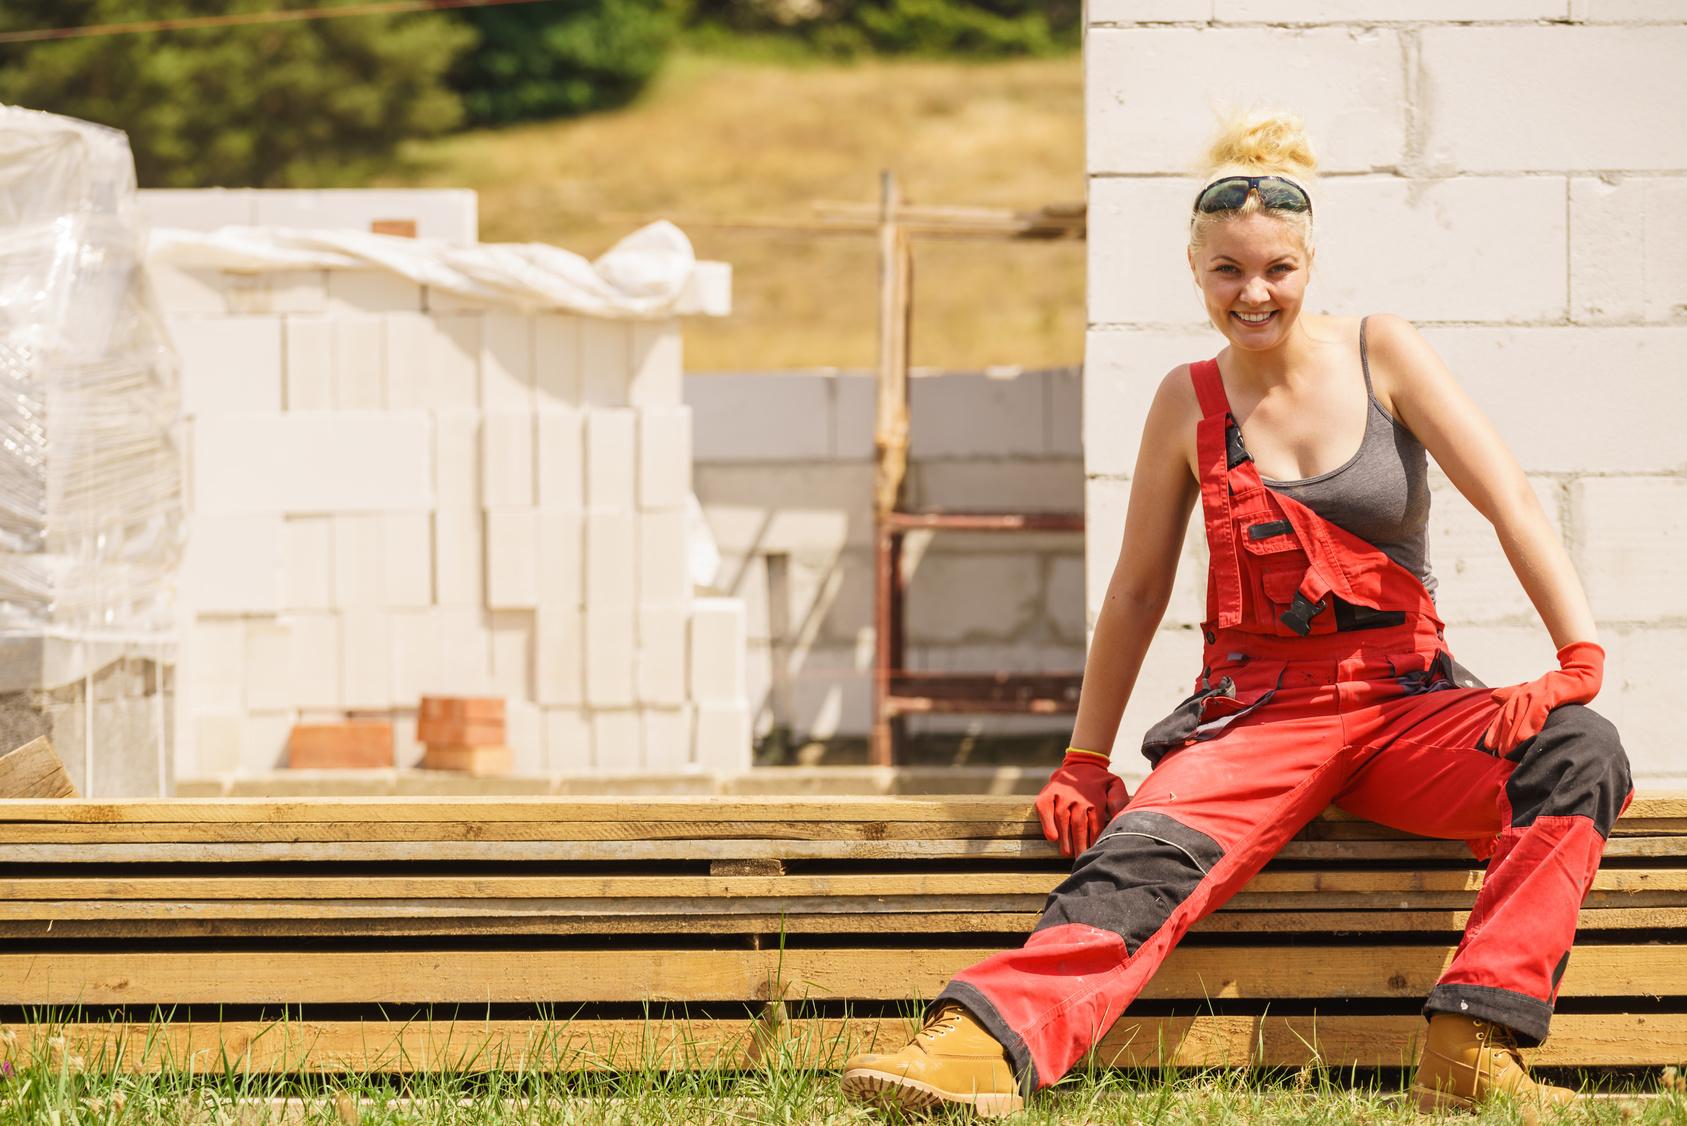 profesjonalna-budowa-zasady-skladowania-materialow-na-placu-budowy